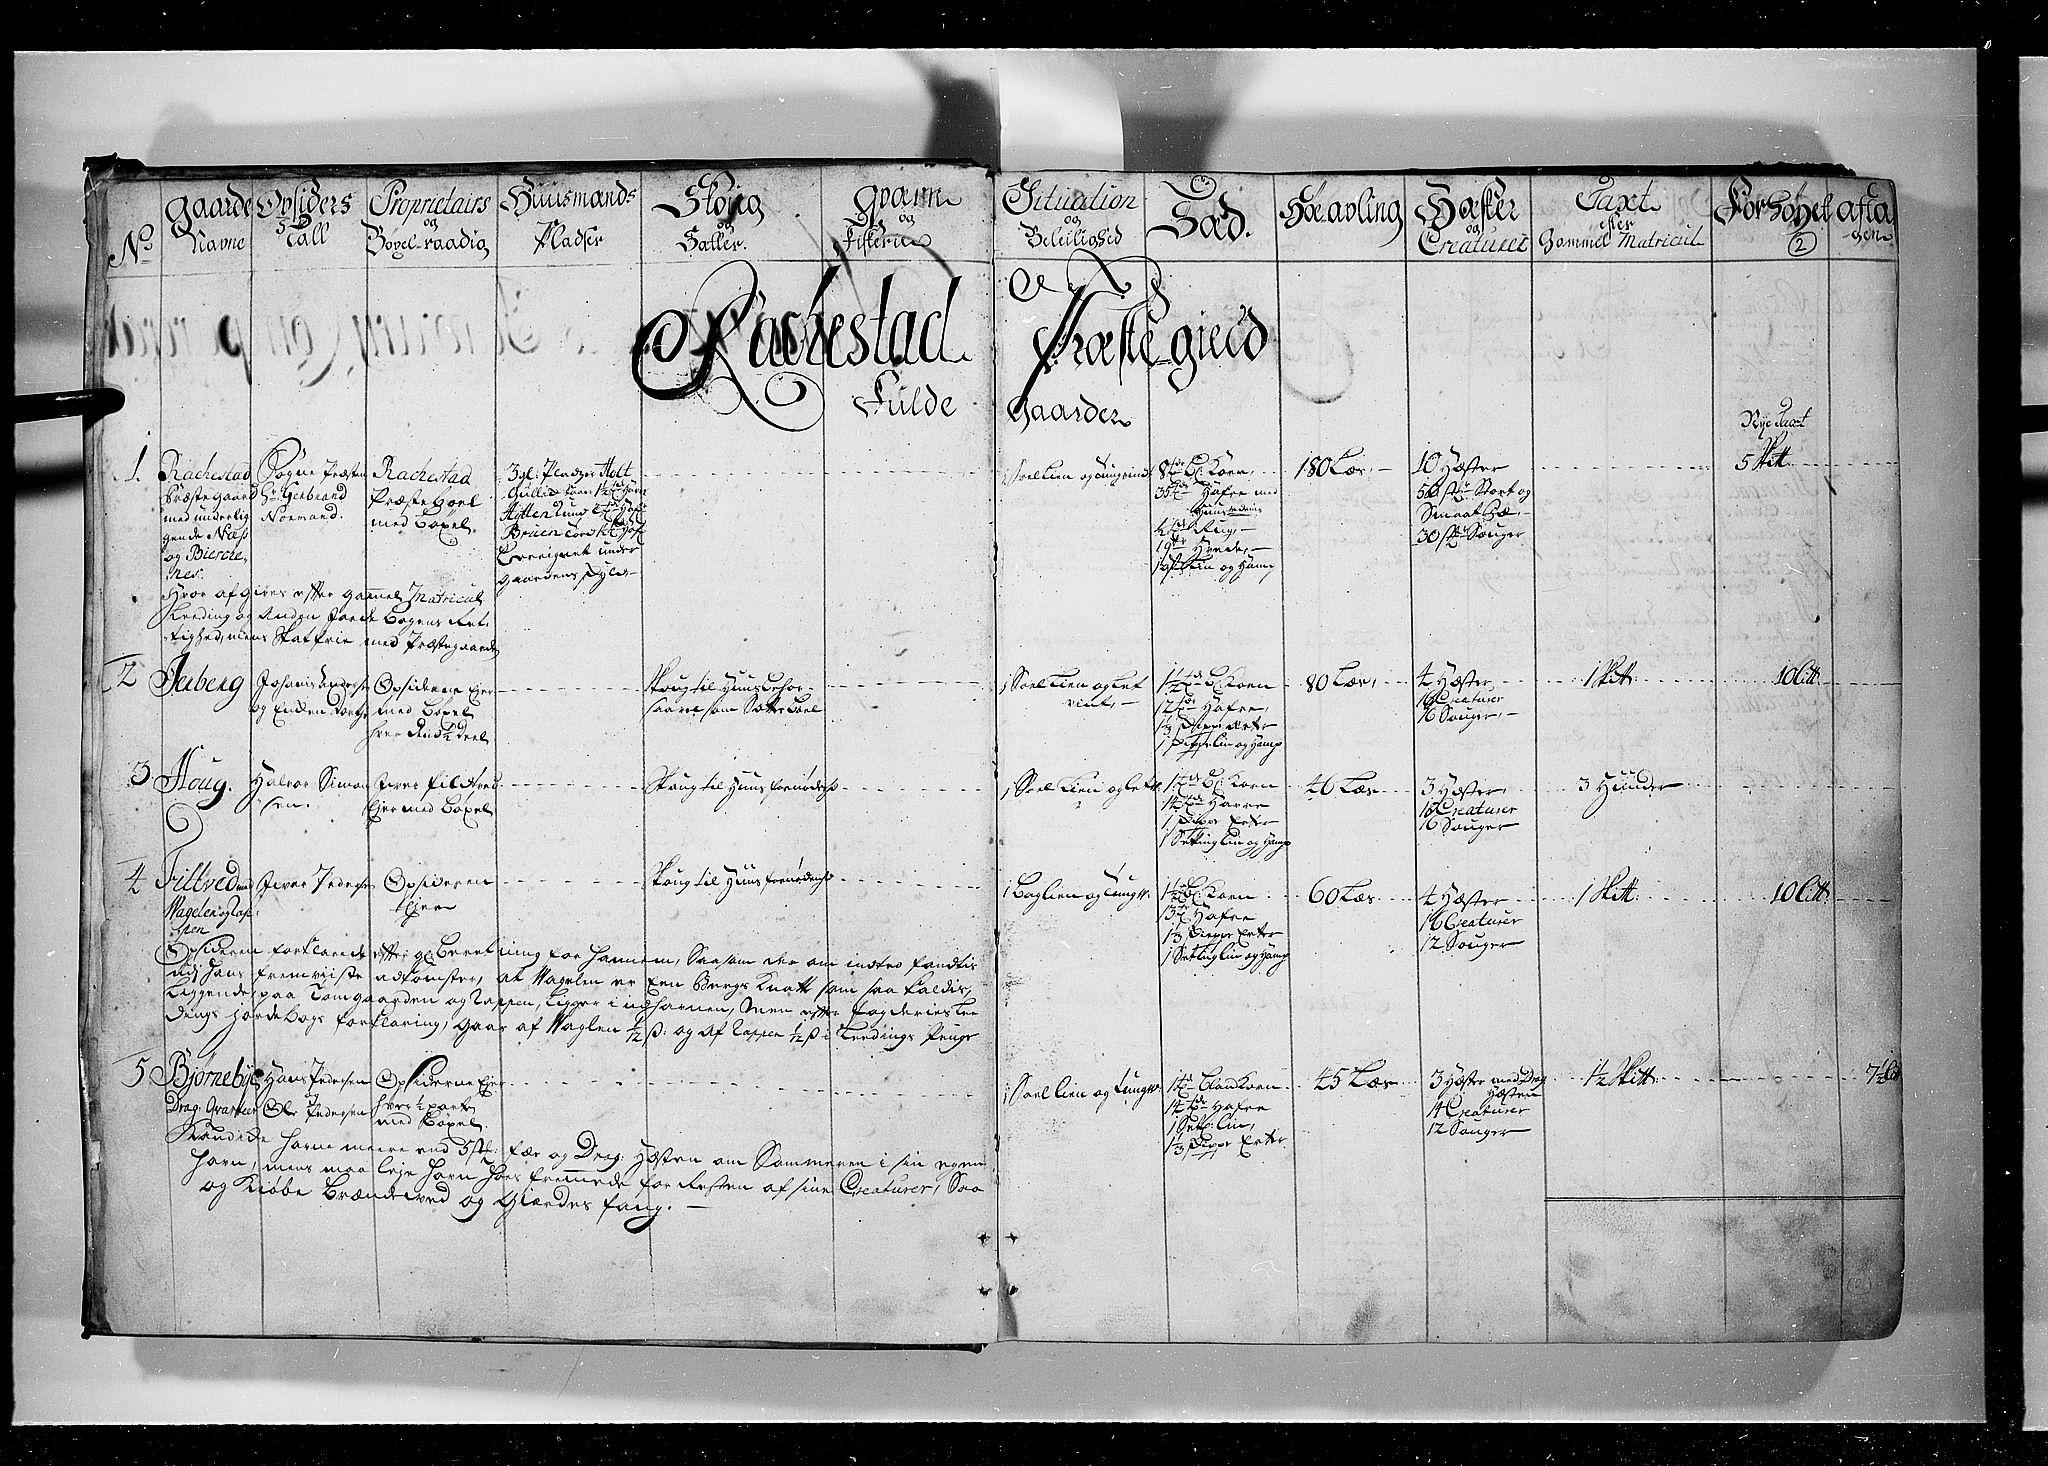 RA, Rentekammeret inntil 1814, Realistisk ordnet avdeling, N/Nb/Nbf/L0099: Rakkestad, Heggen og Frøland eksaminasjonsprotokoll, 1723, s. 1b-2a